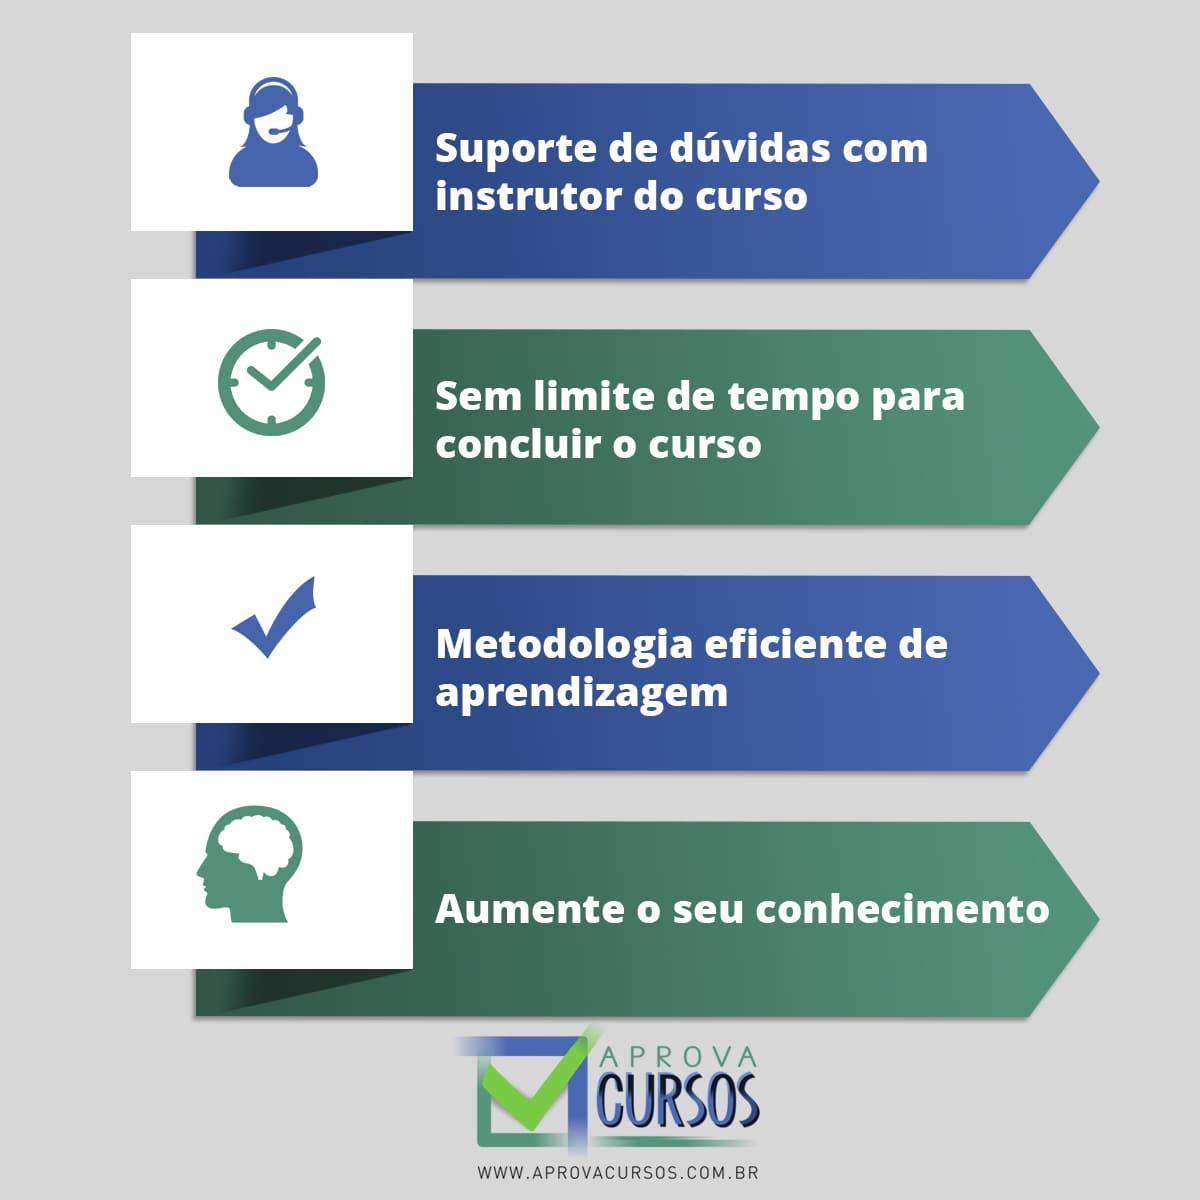 Curso Online de Responsabilidades do Servidor Público com Certificado  - Aprova Cursos